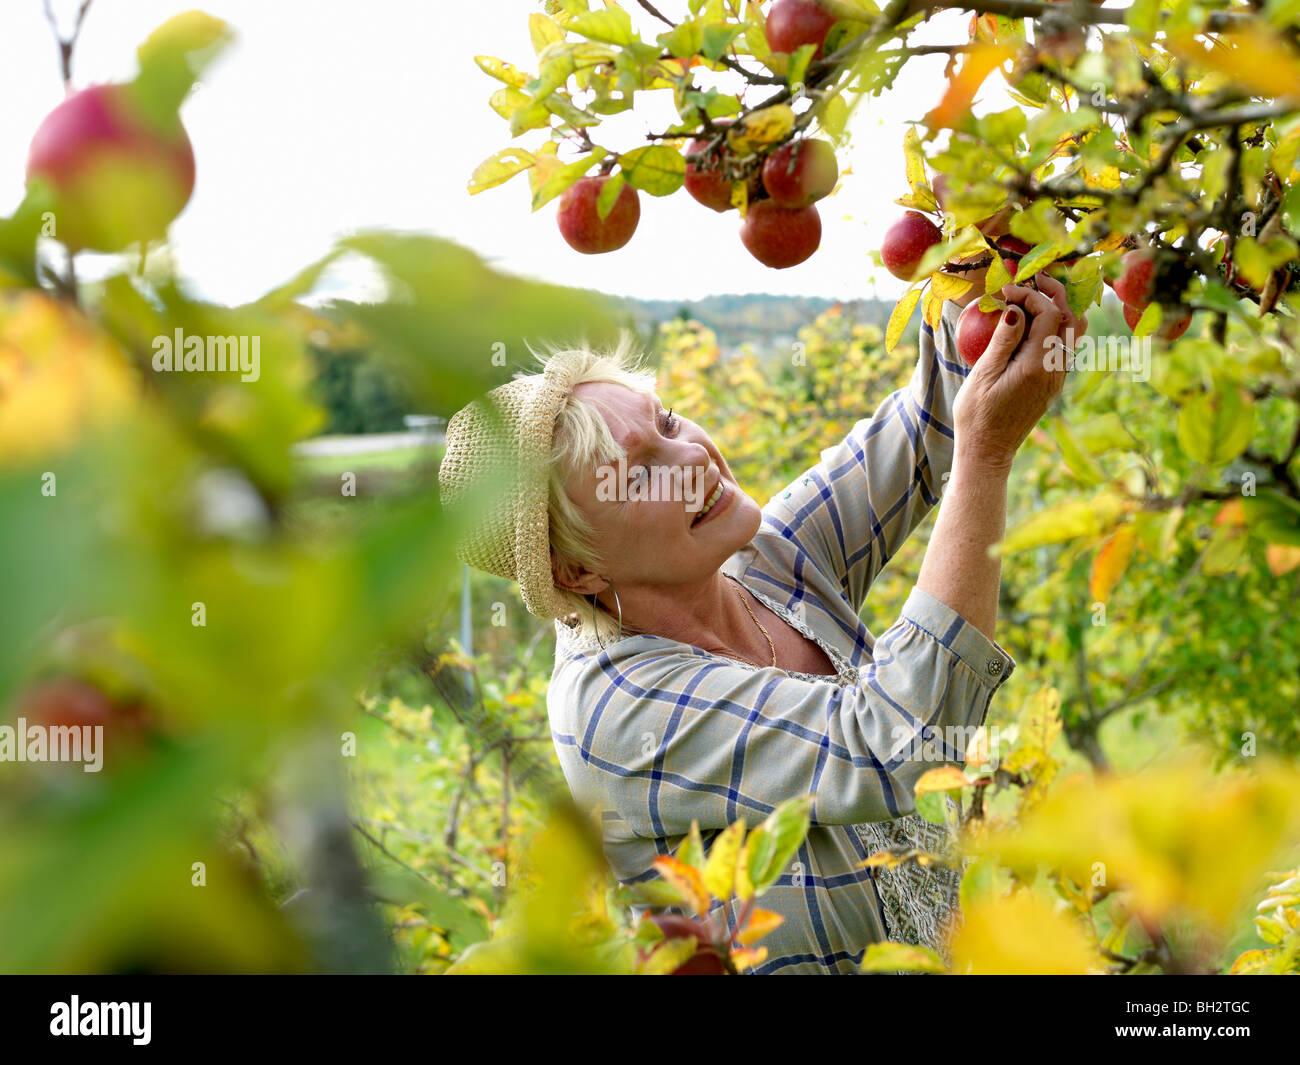 Reife Frau Äpfel pflücken Stockbild